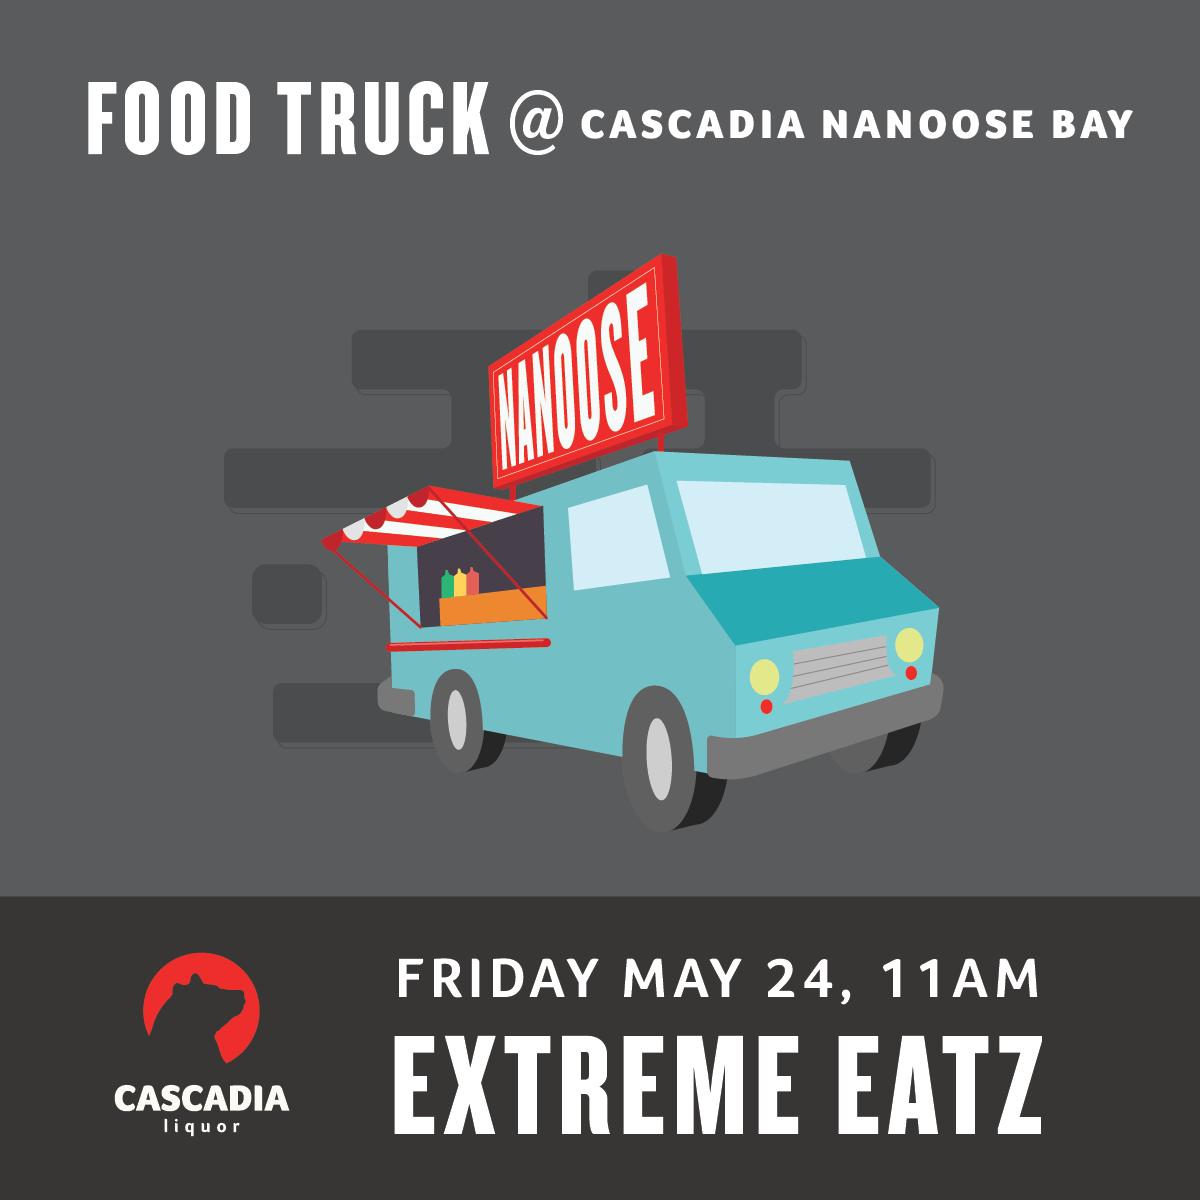 Nanoose Food Truck_June 2019_Web.png